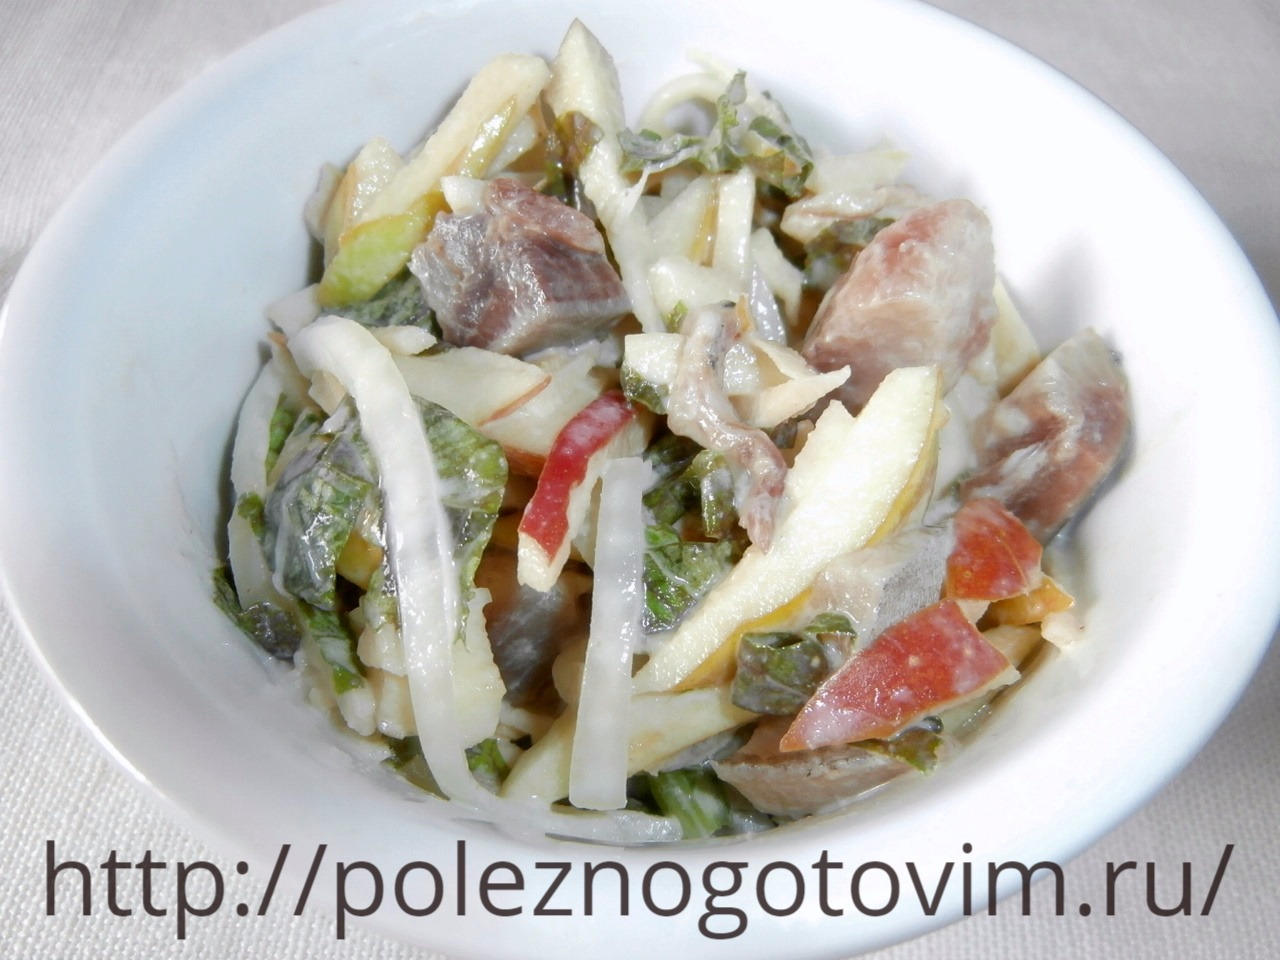 Салат селедка и курица